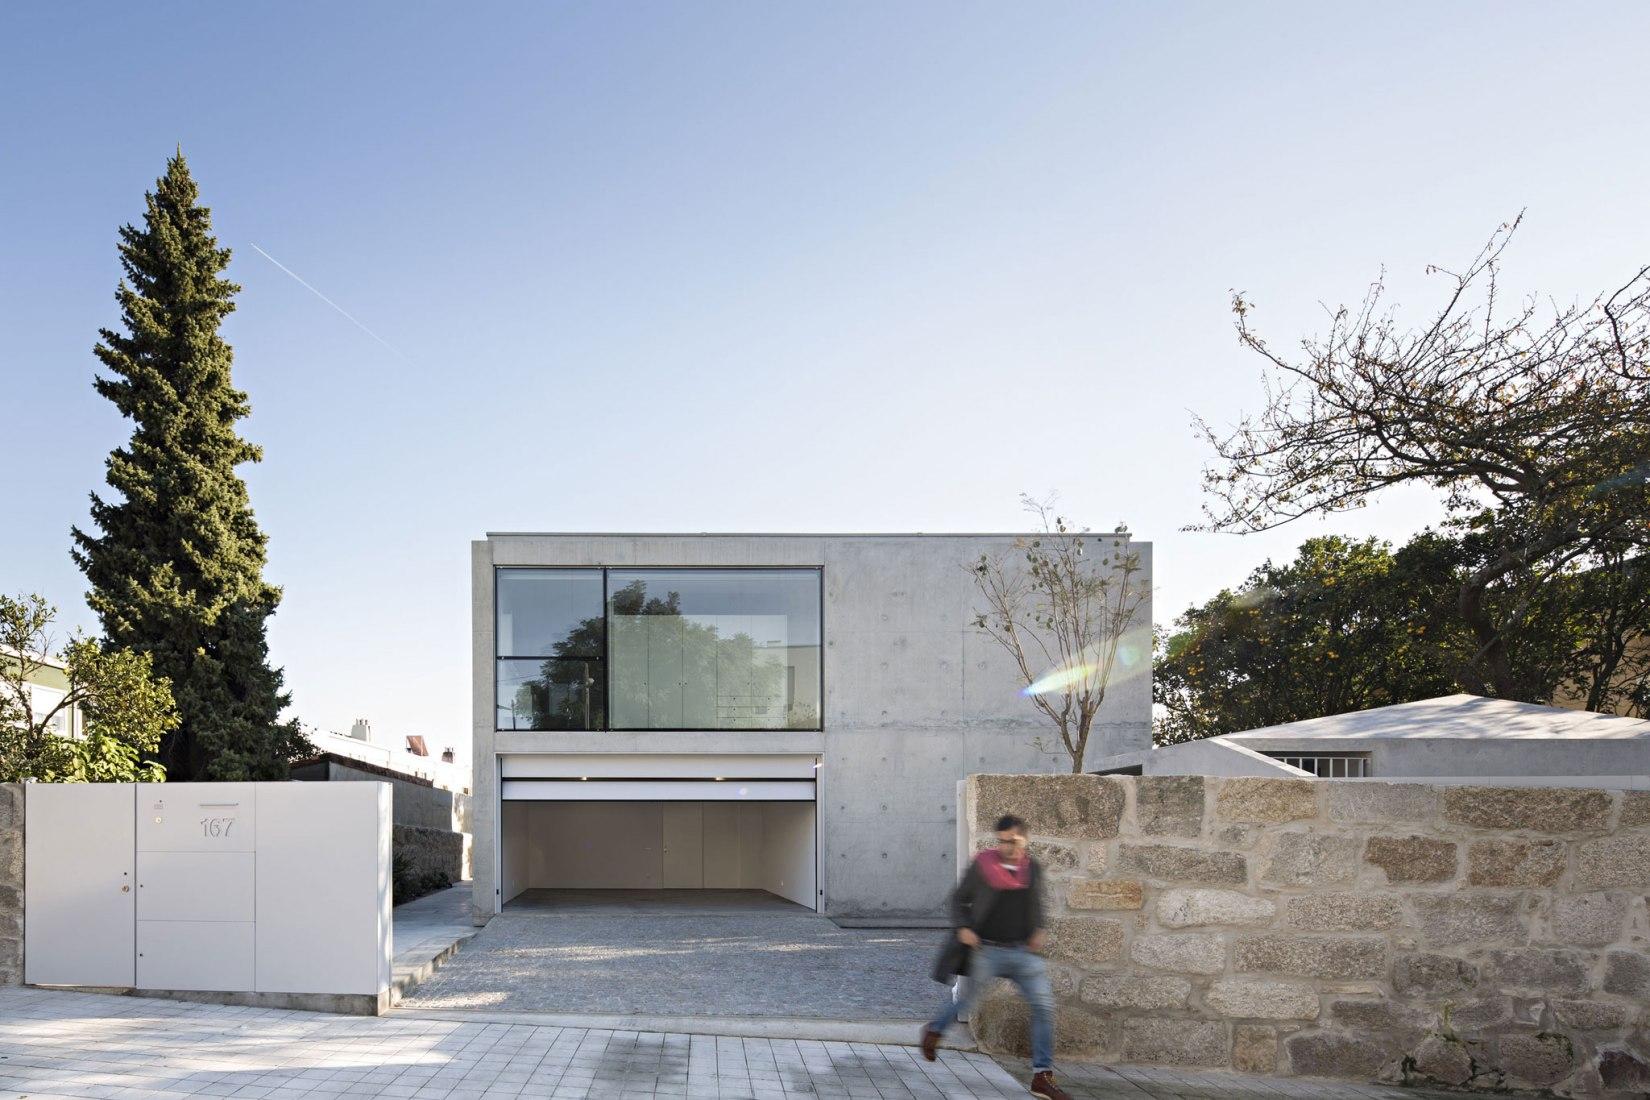 Entrance. House in Serralves by João Vieira de Campos. Photograph by Nelson Garrido